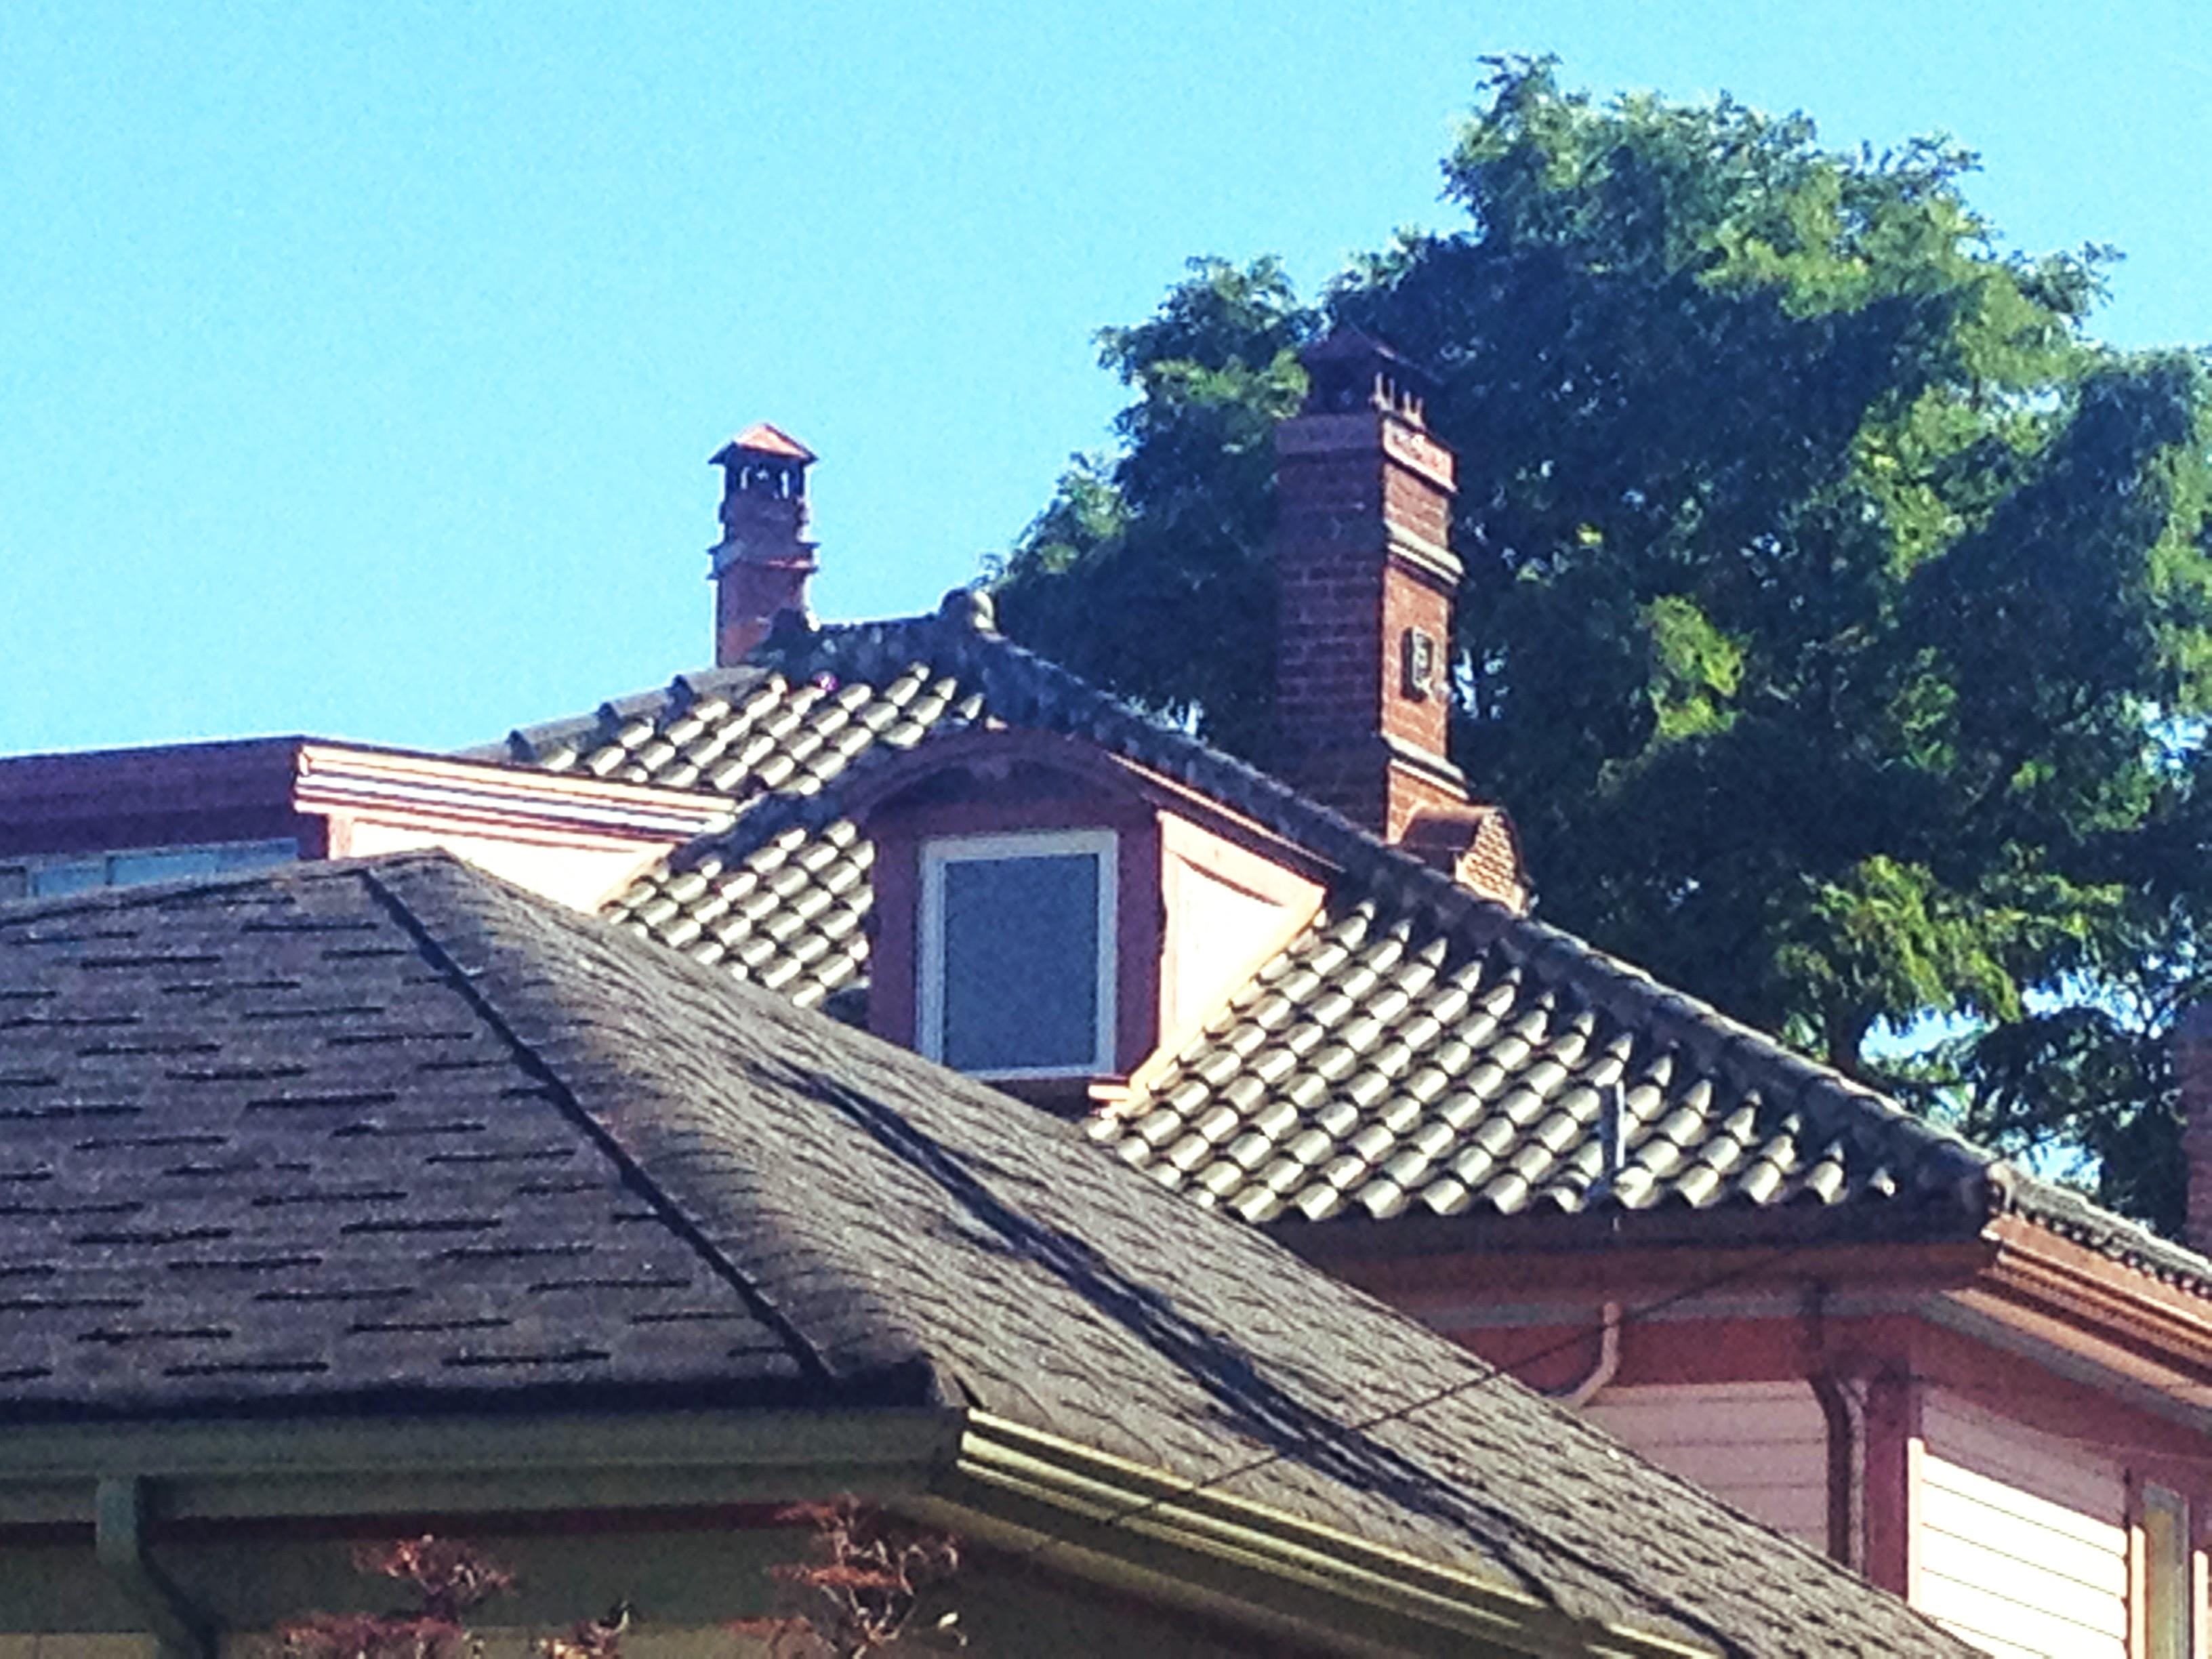 Chimney Repairs Victoria Bc Area